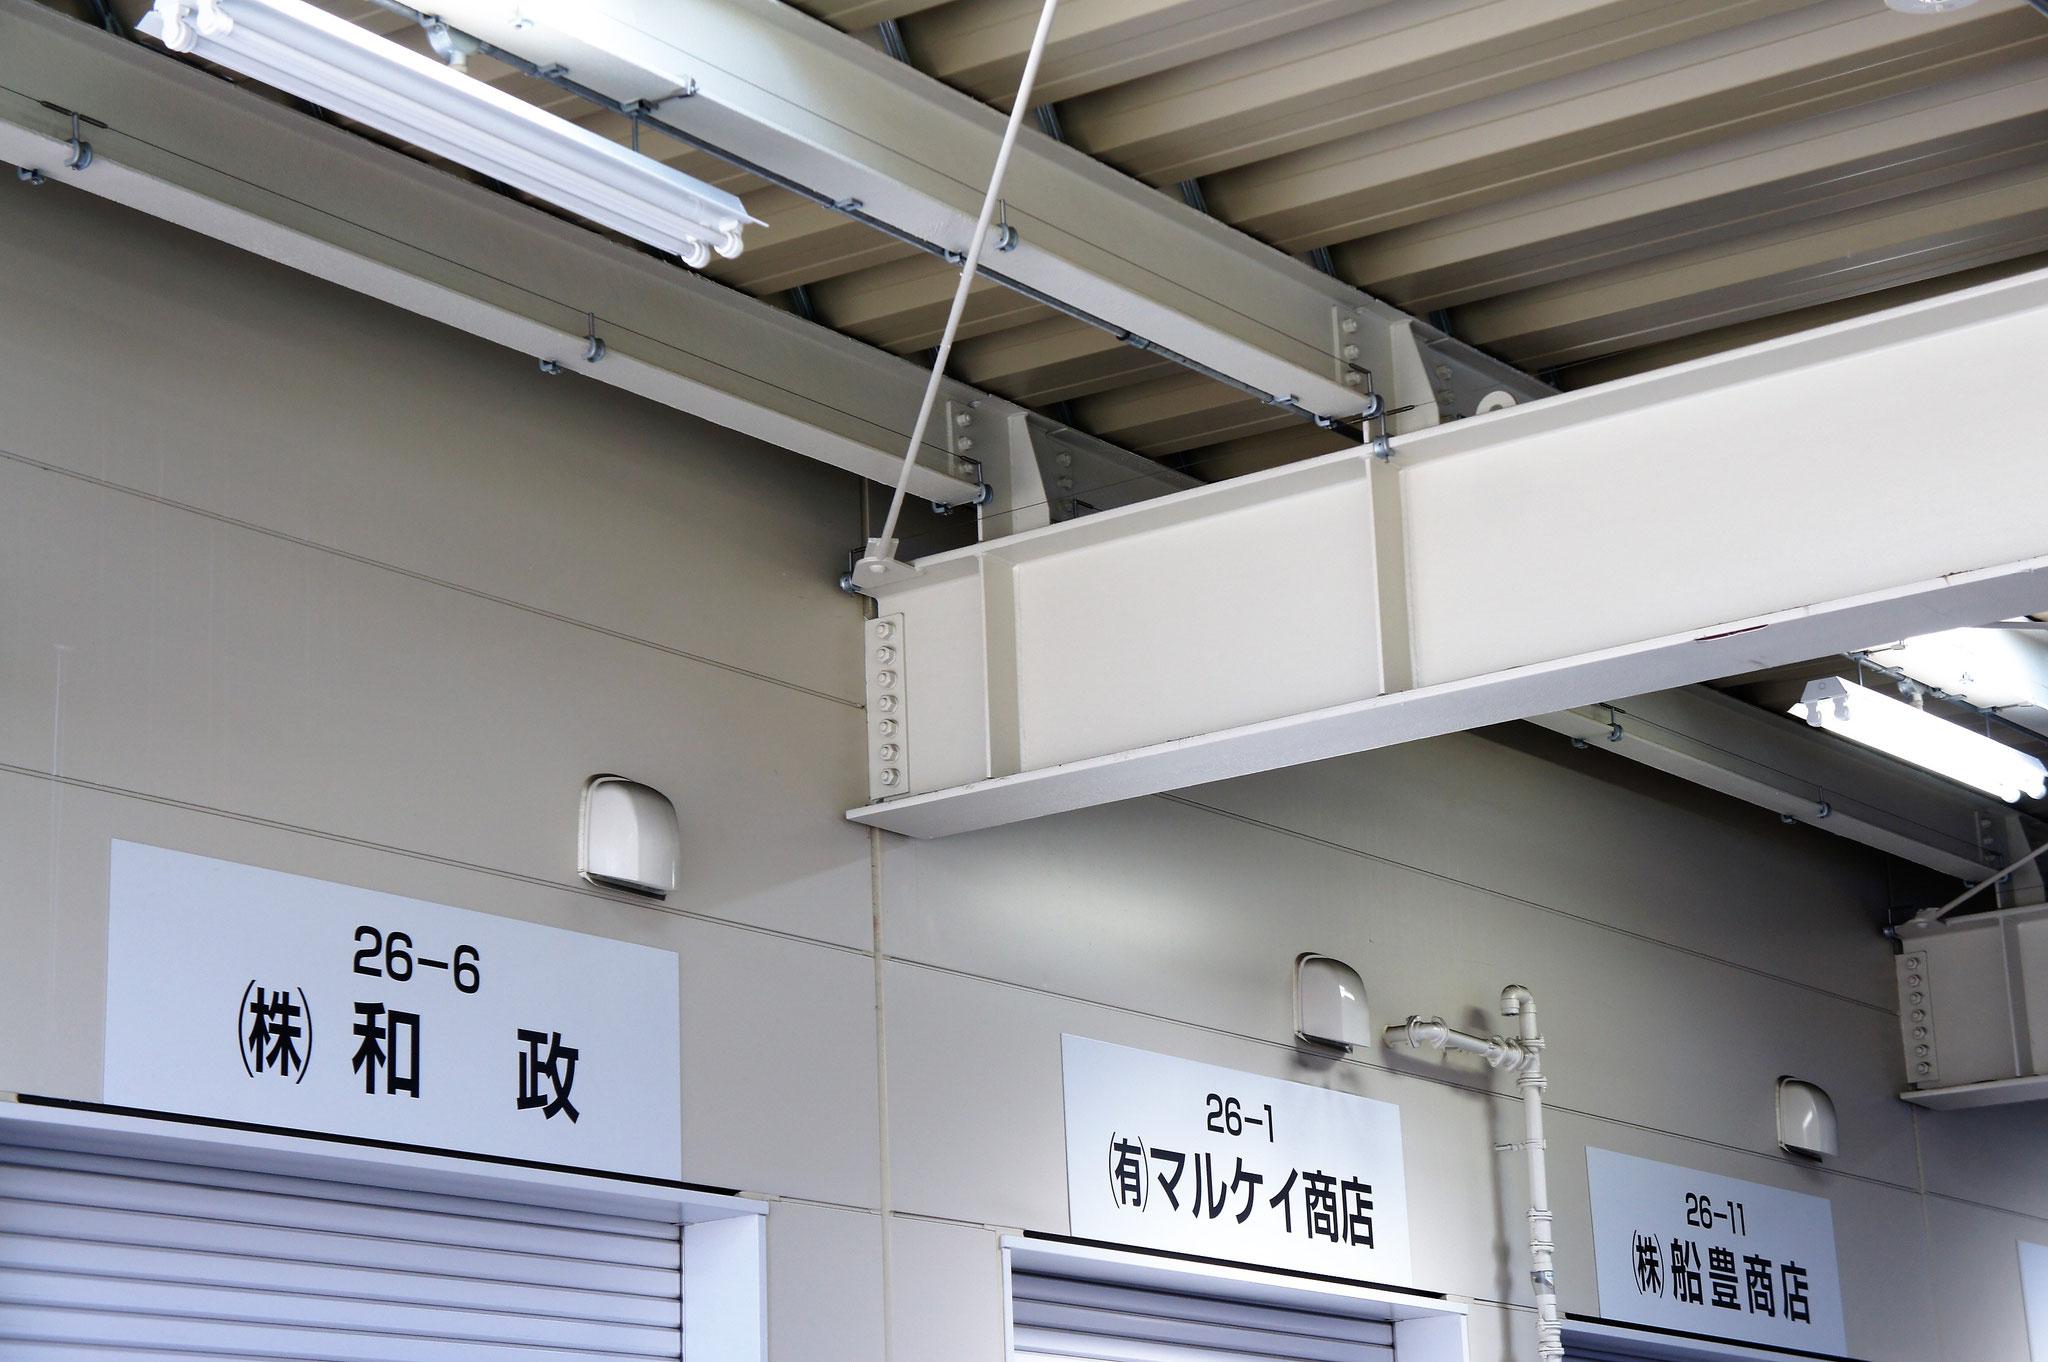 淀橋市場  / 東京都新宿区/2012.8.2